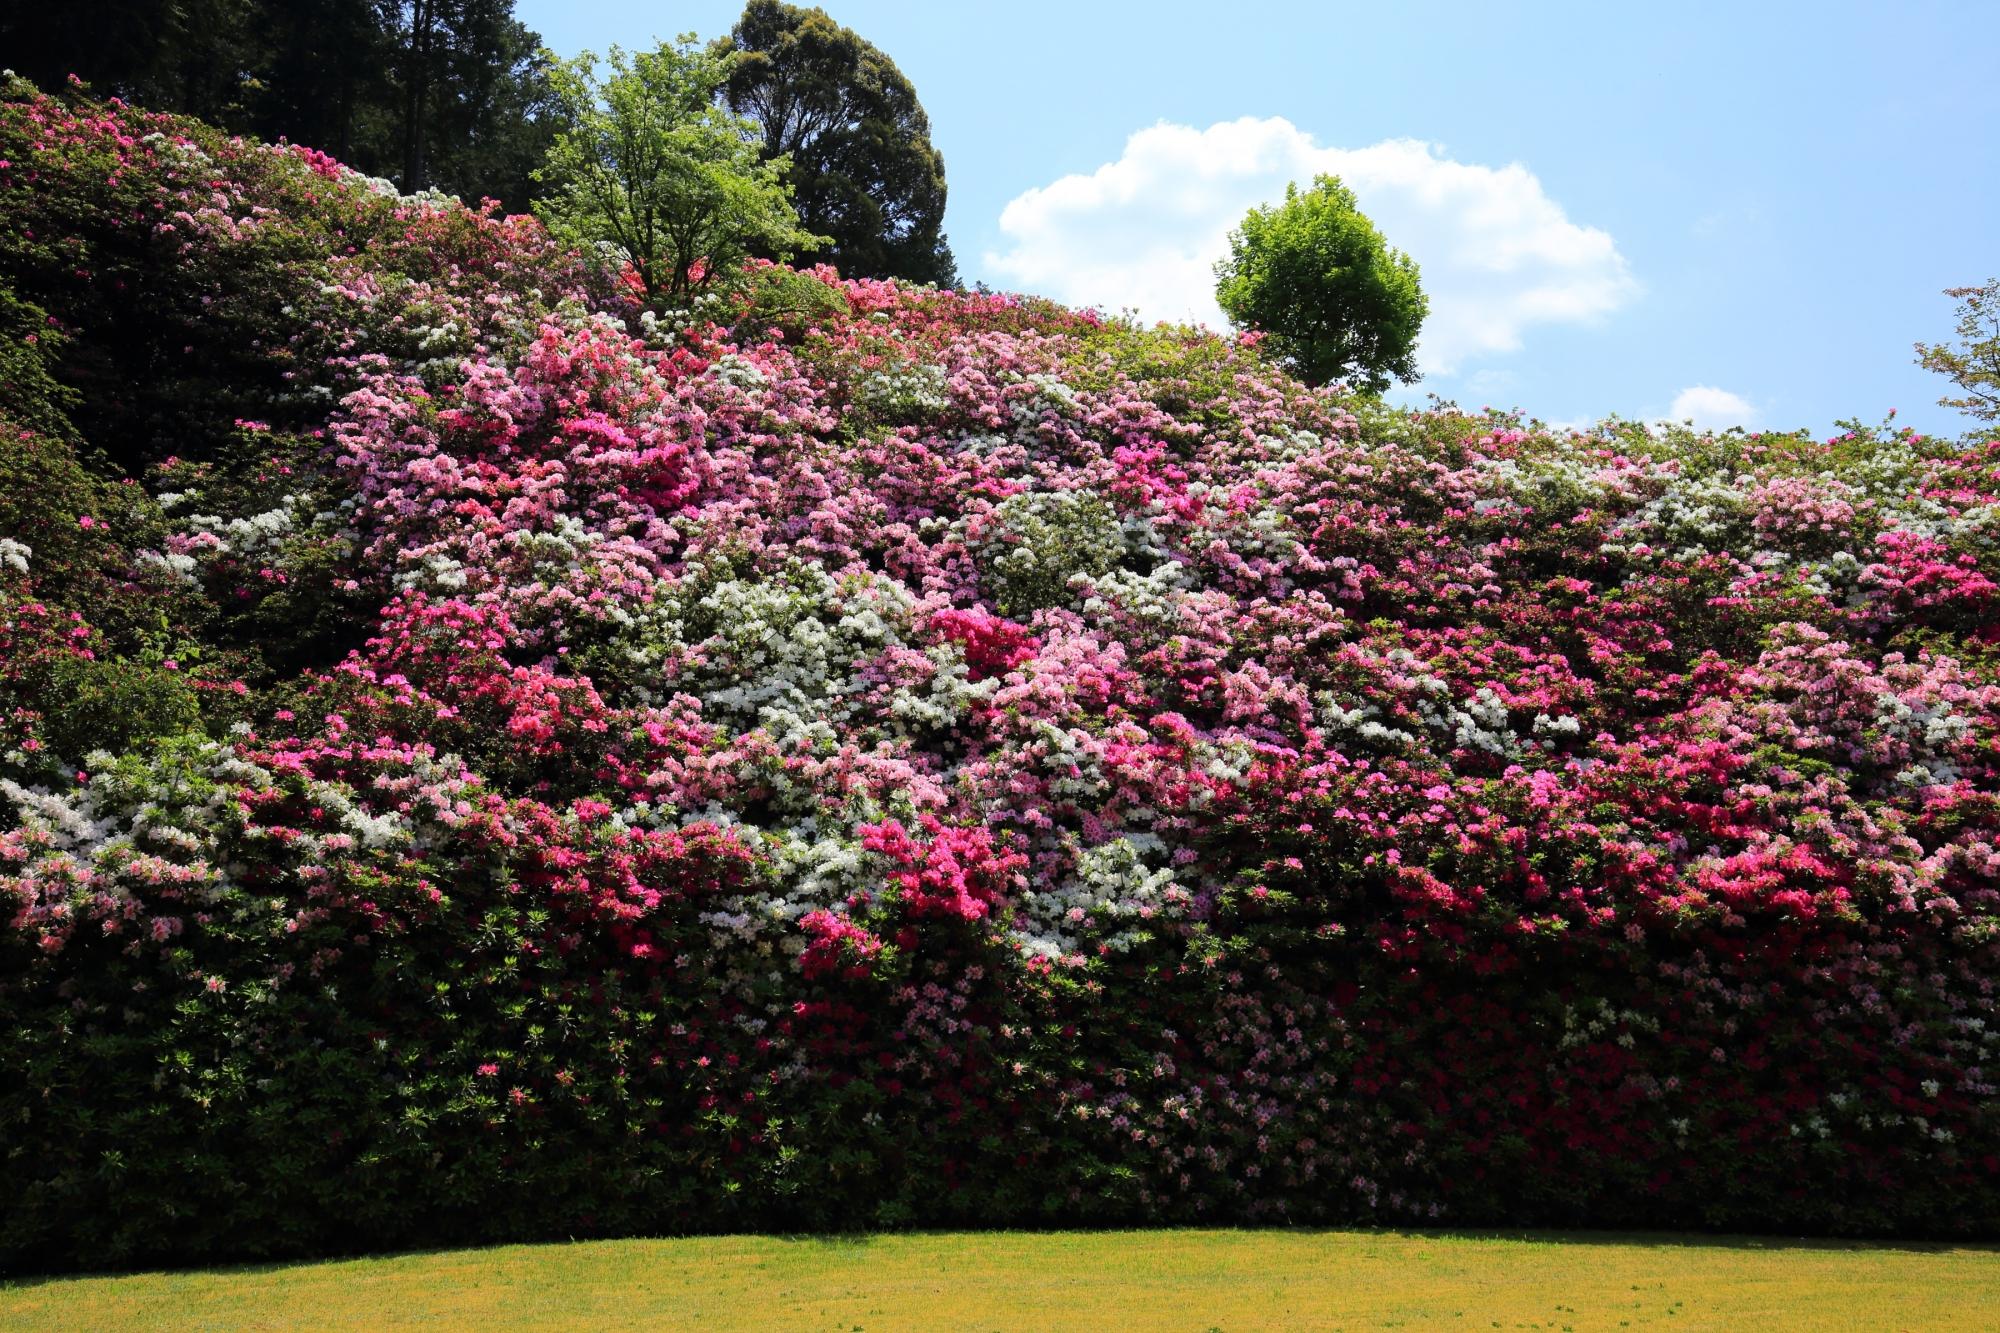 色とりどりのツツジの花に覆われた大きな壁